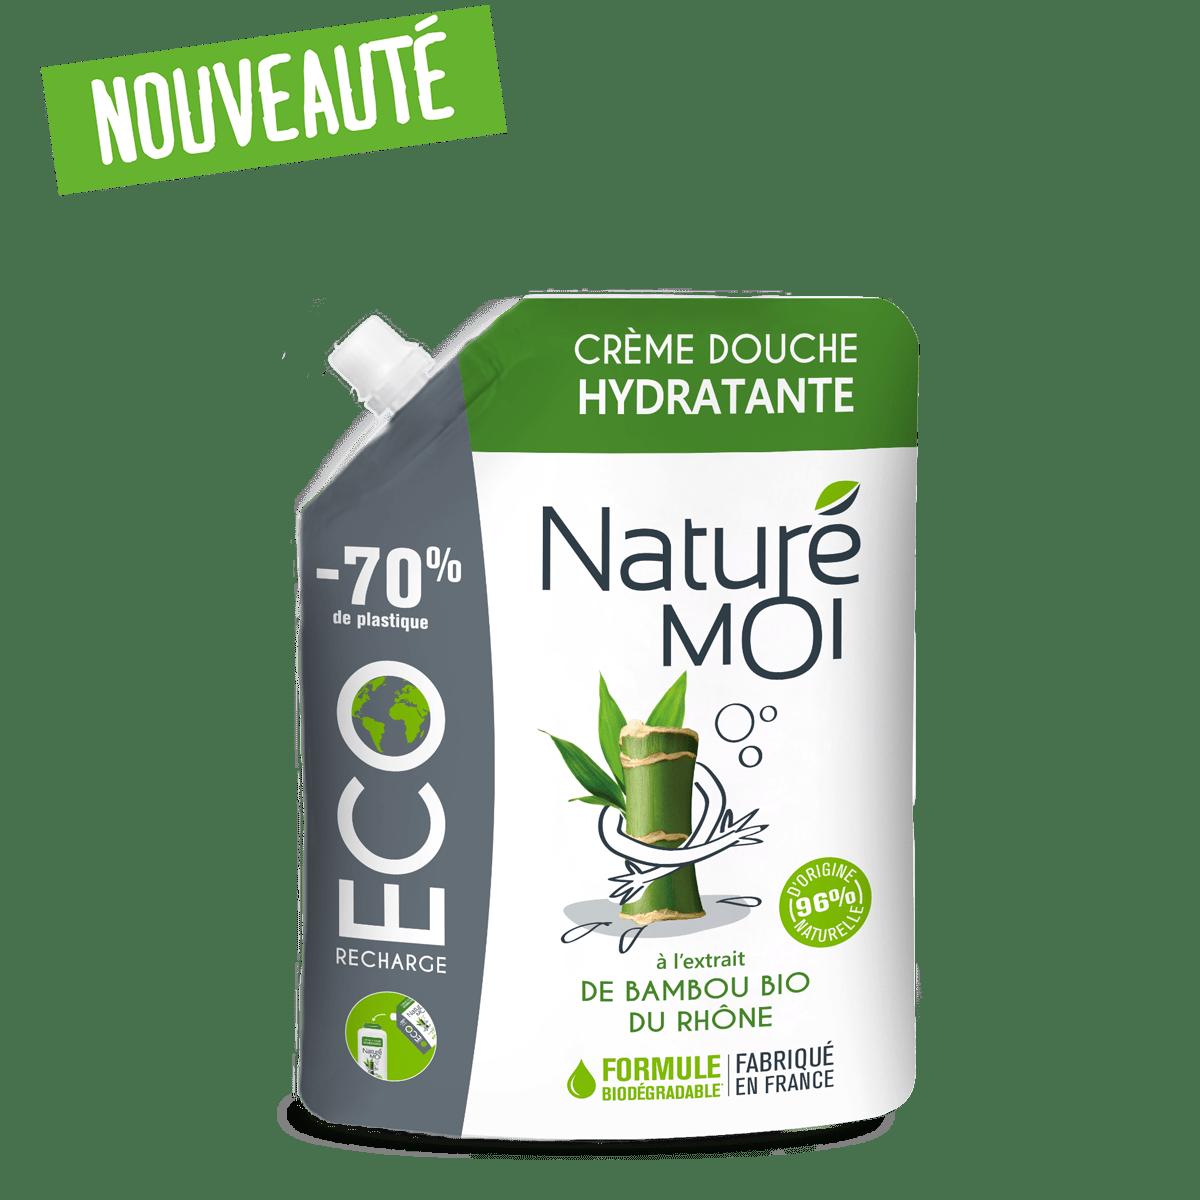 Éco Recharge Crème Douche Hydratante au bambou BIO du Rhône